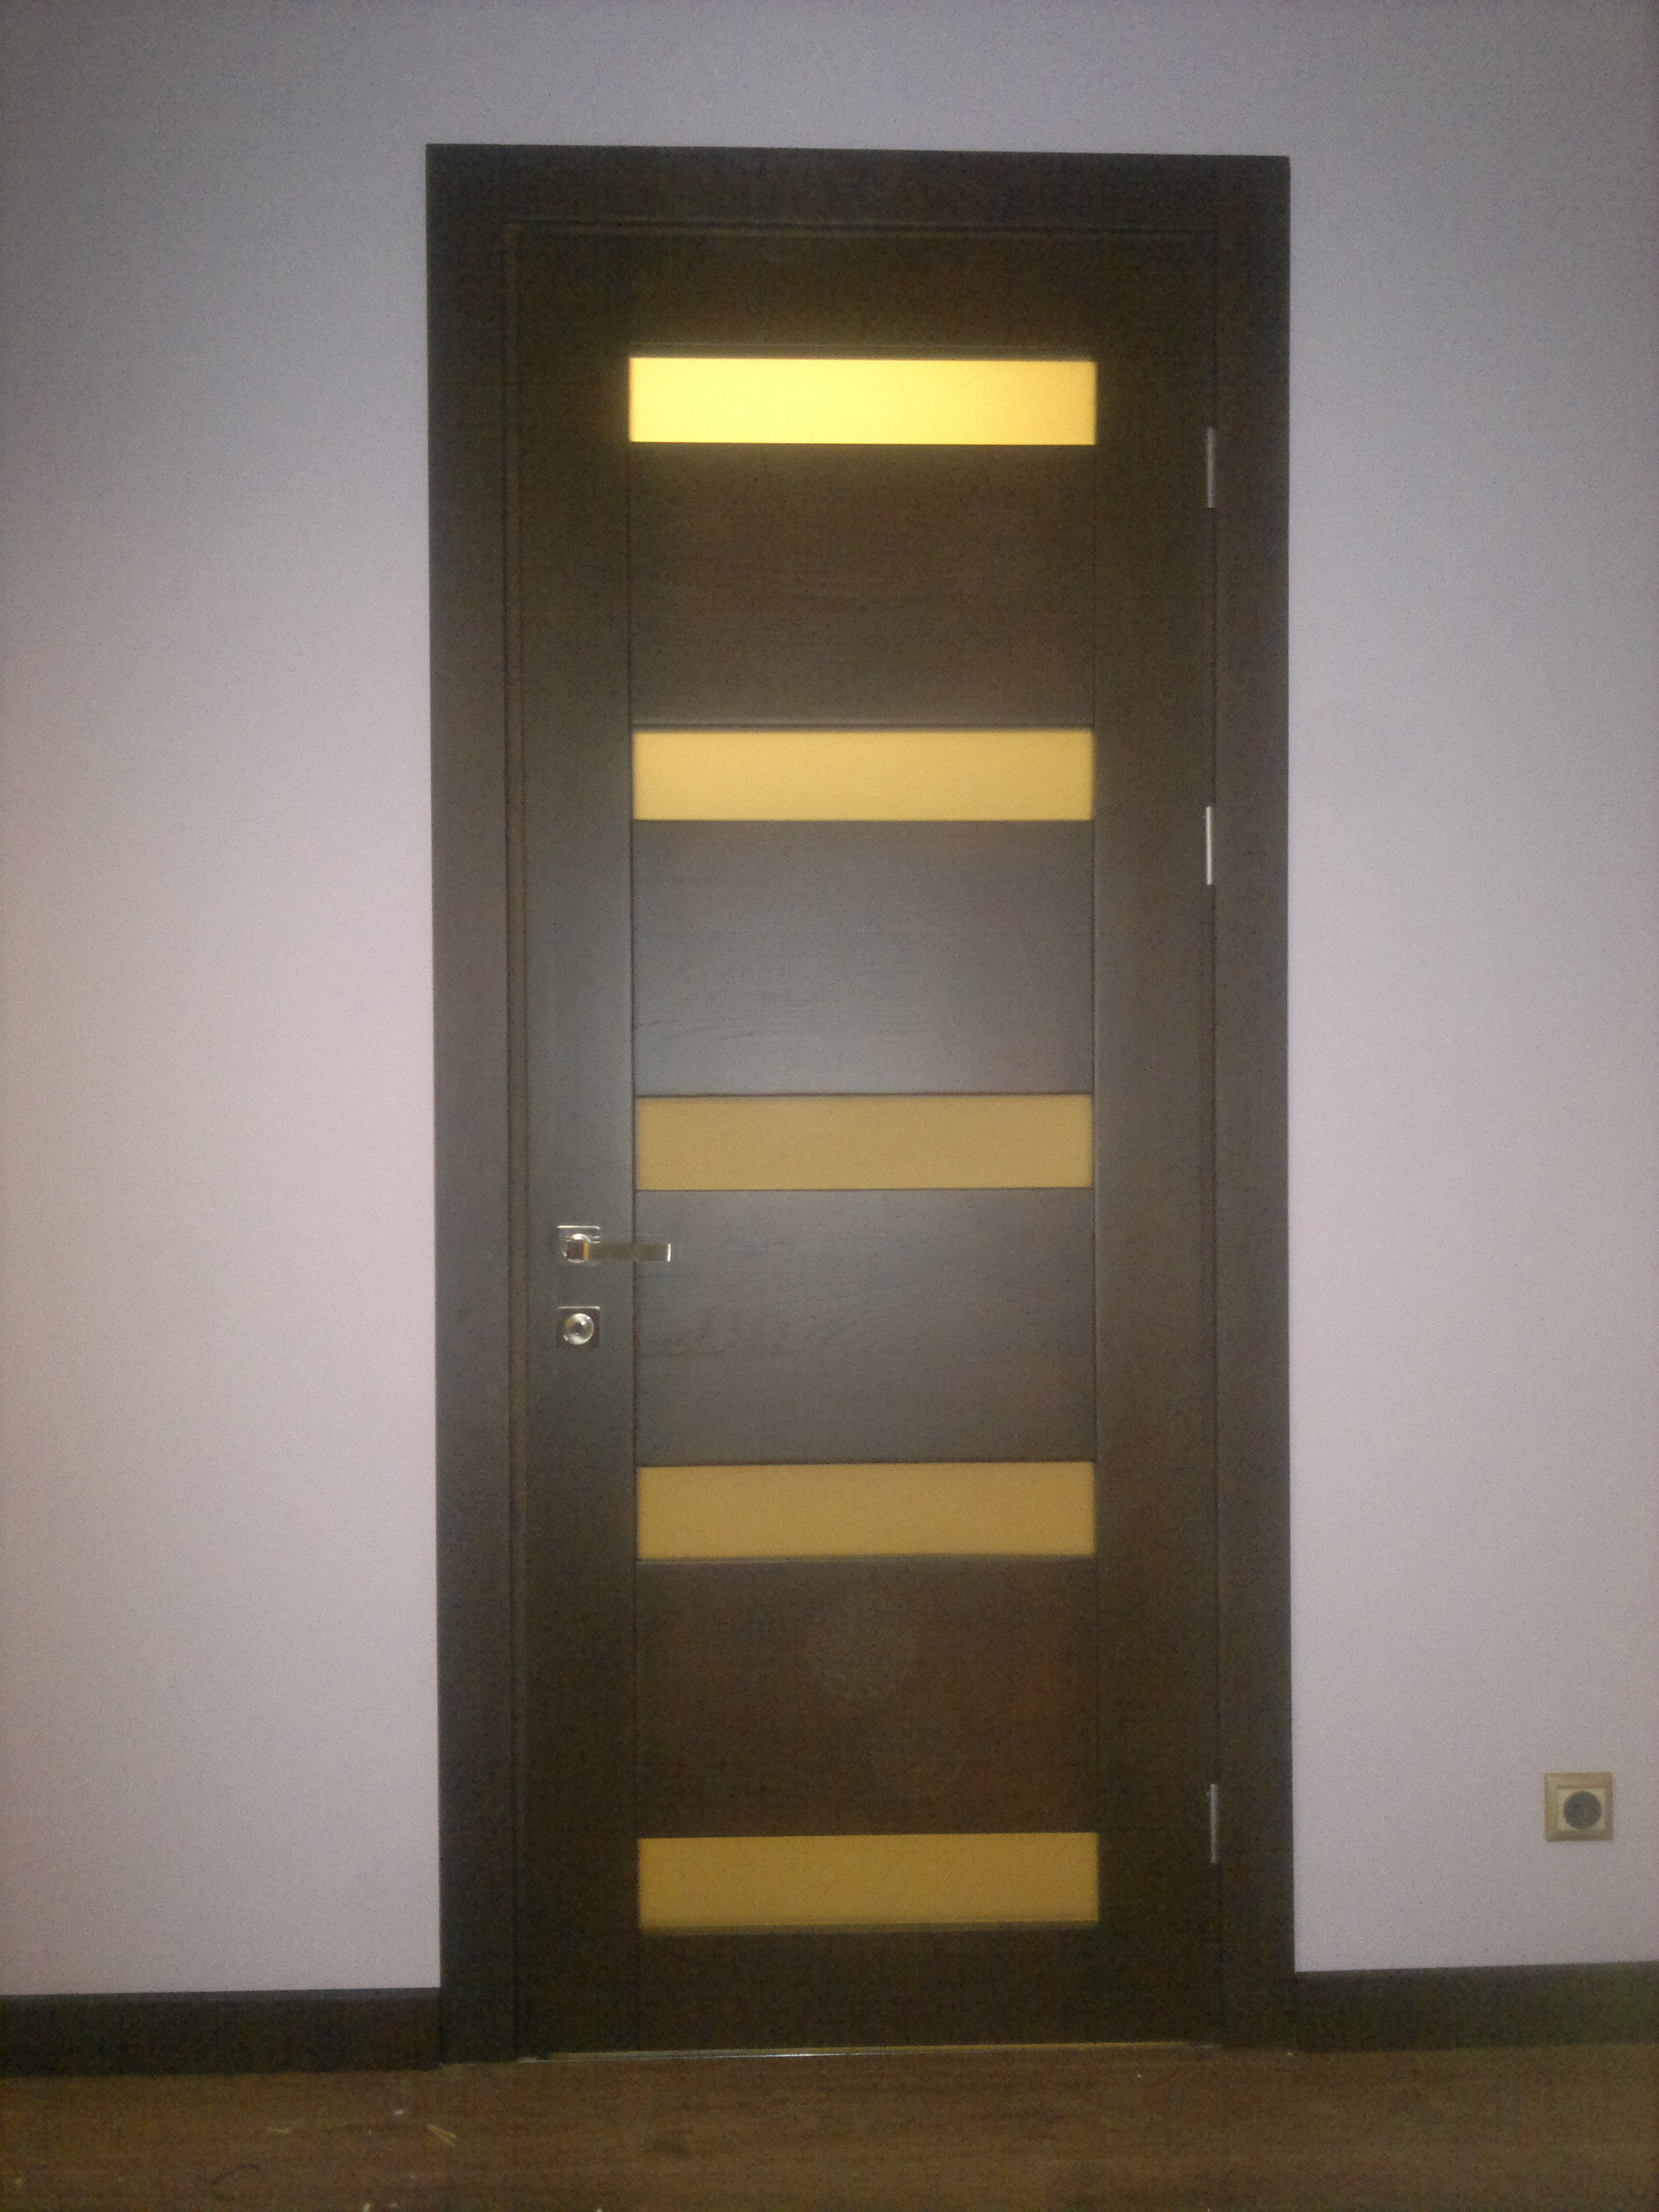 Міжкімнатні дерев'яні двері зі скляними вставками в наявності